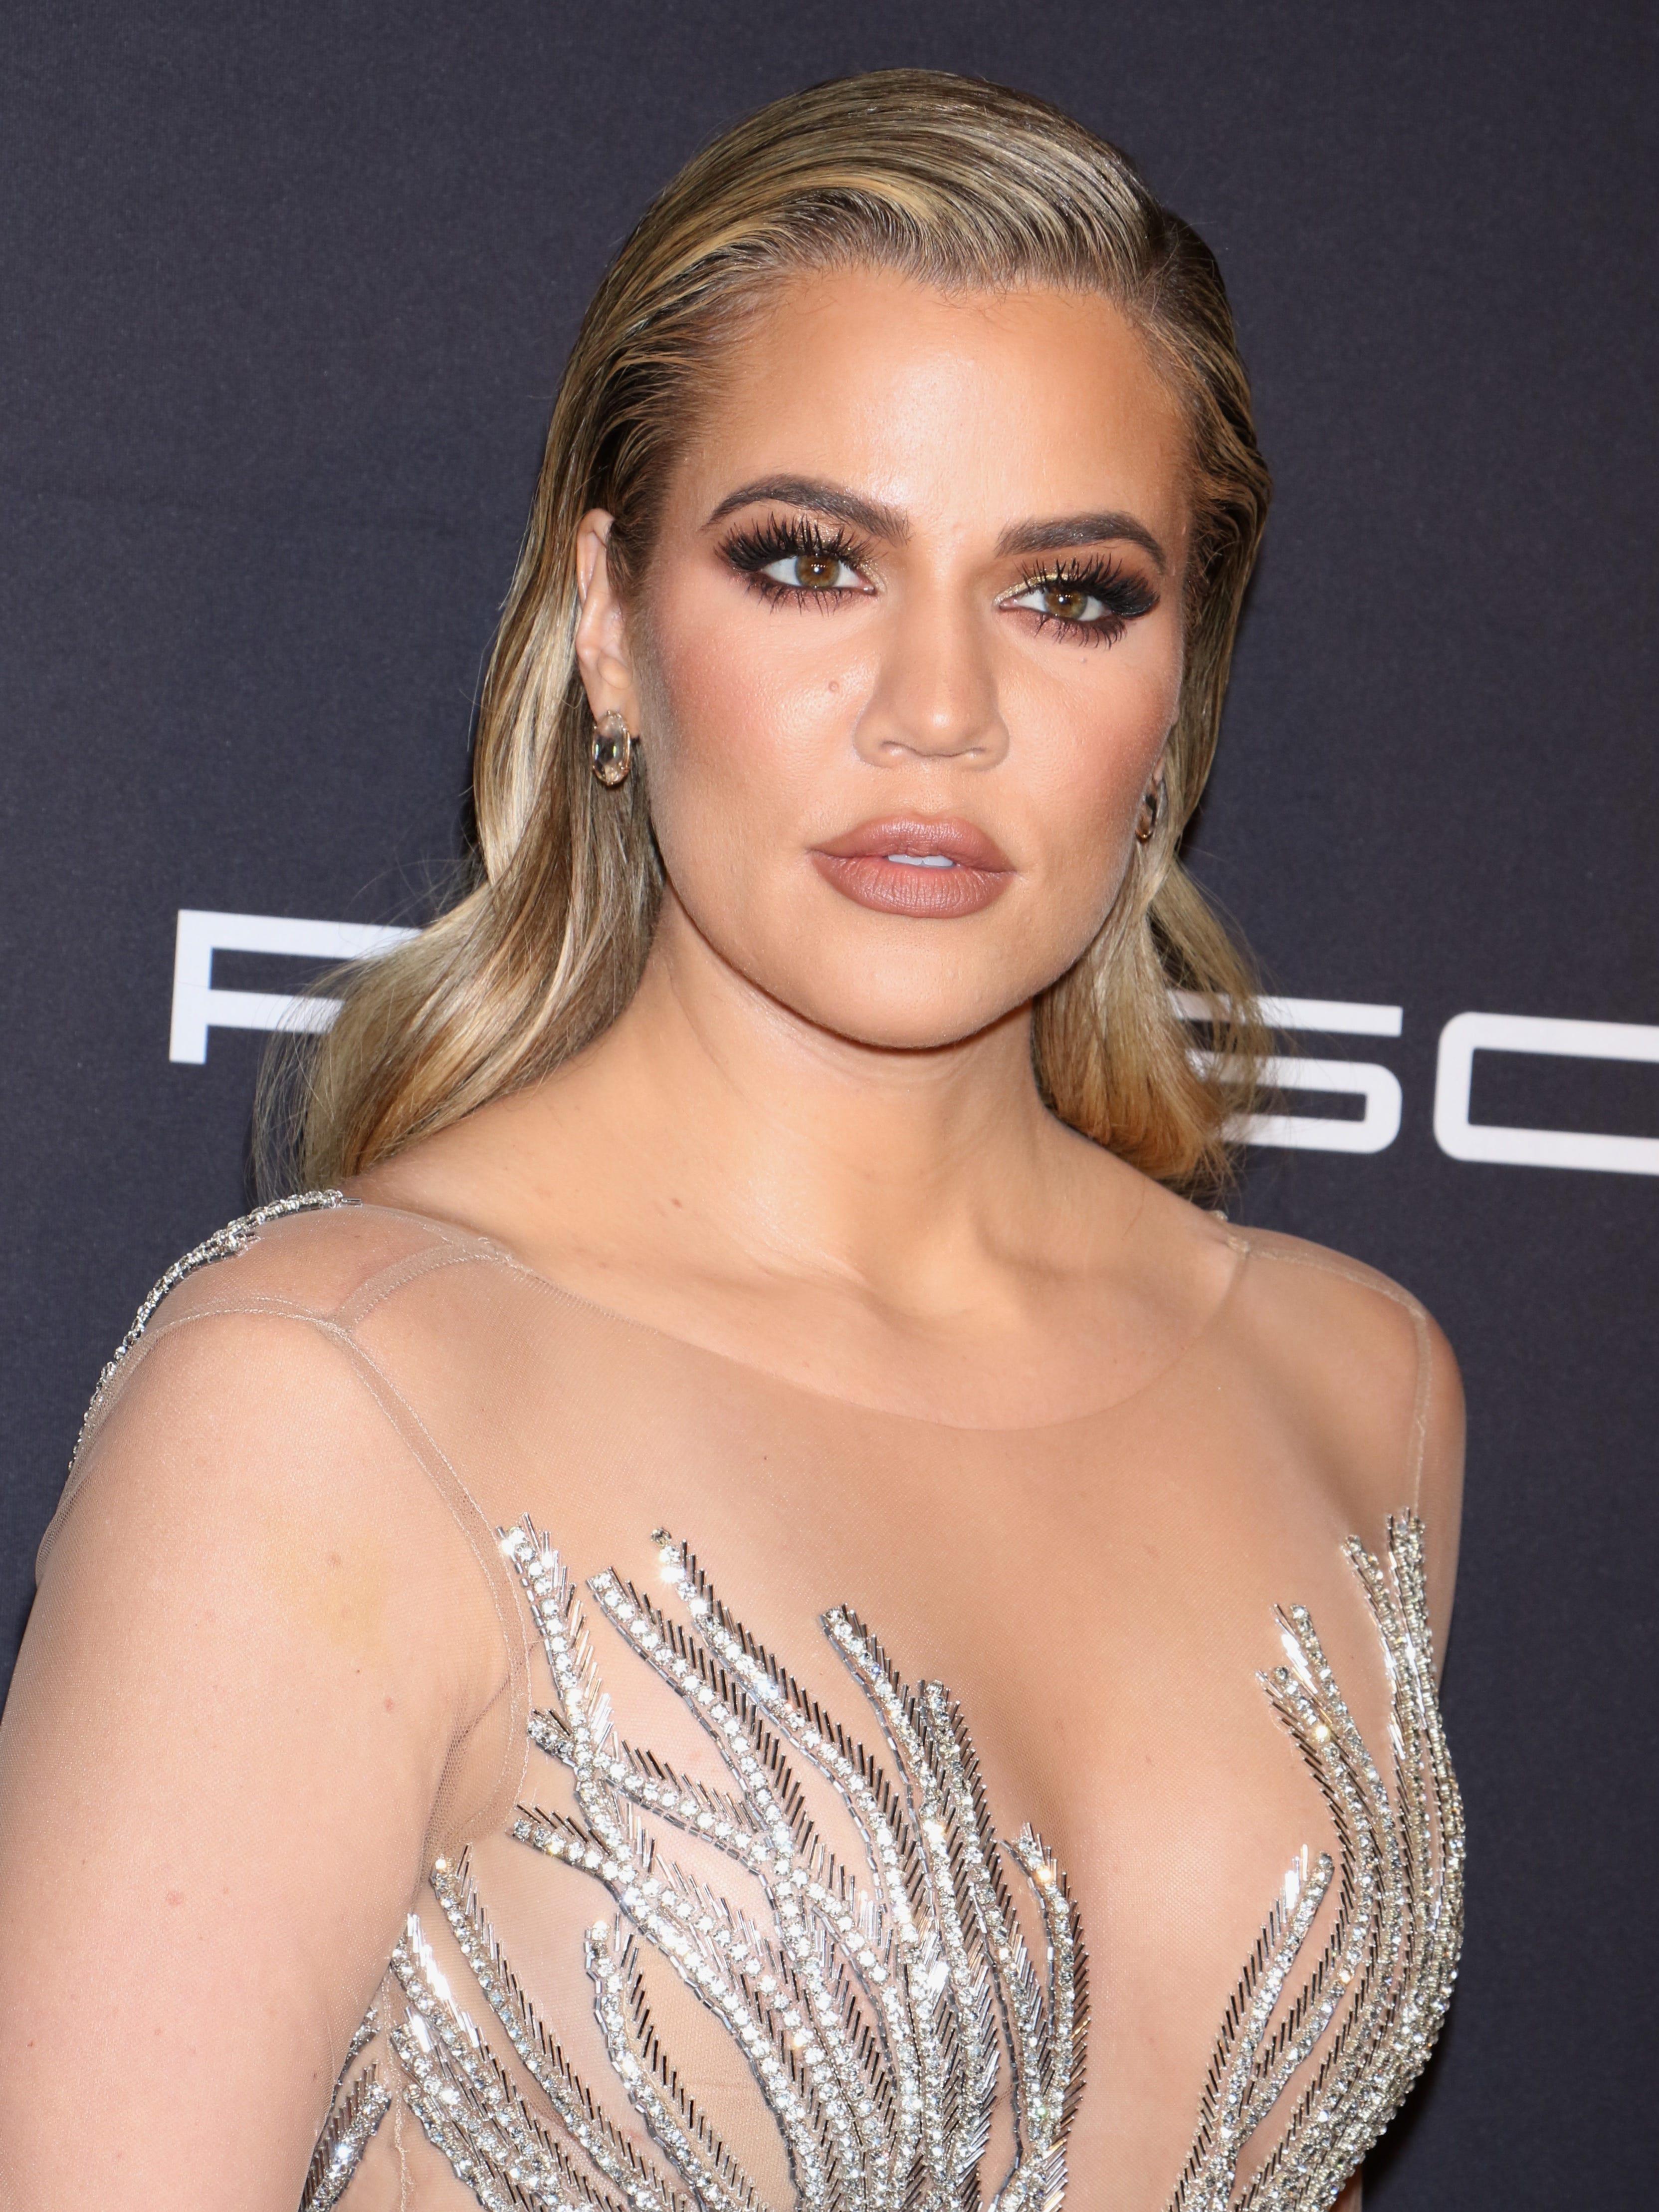 Khloe Kardashian Kylie Jenner Dream Photo